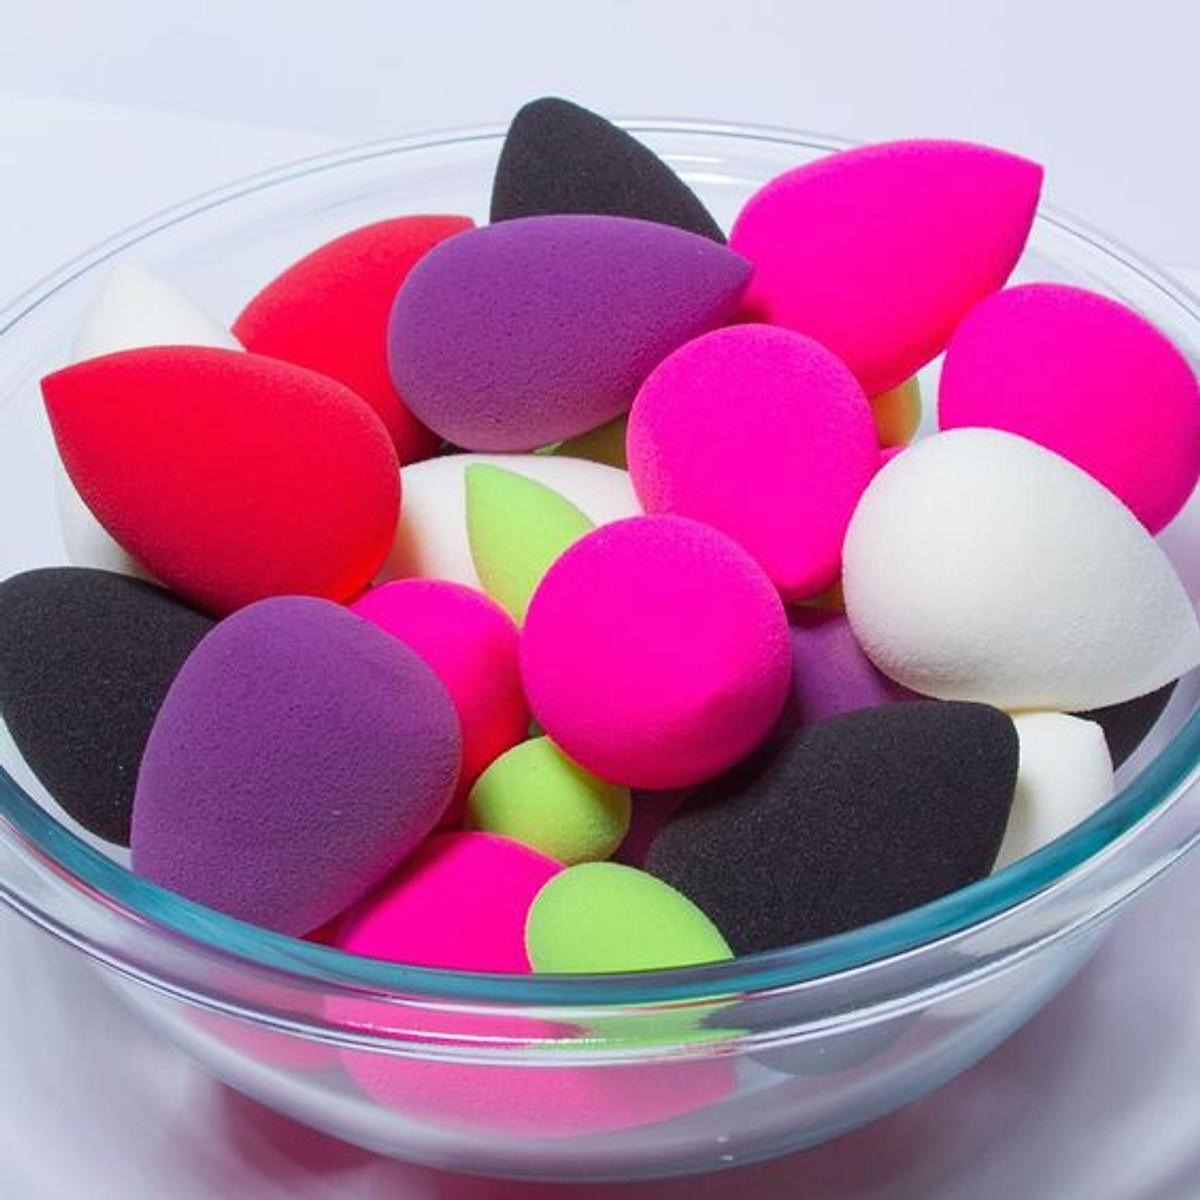 Bông mút tán kem nền tiện lợi MT02  nhiều màu khác nhau- Gừi màu ngẫu nhiên